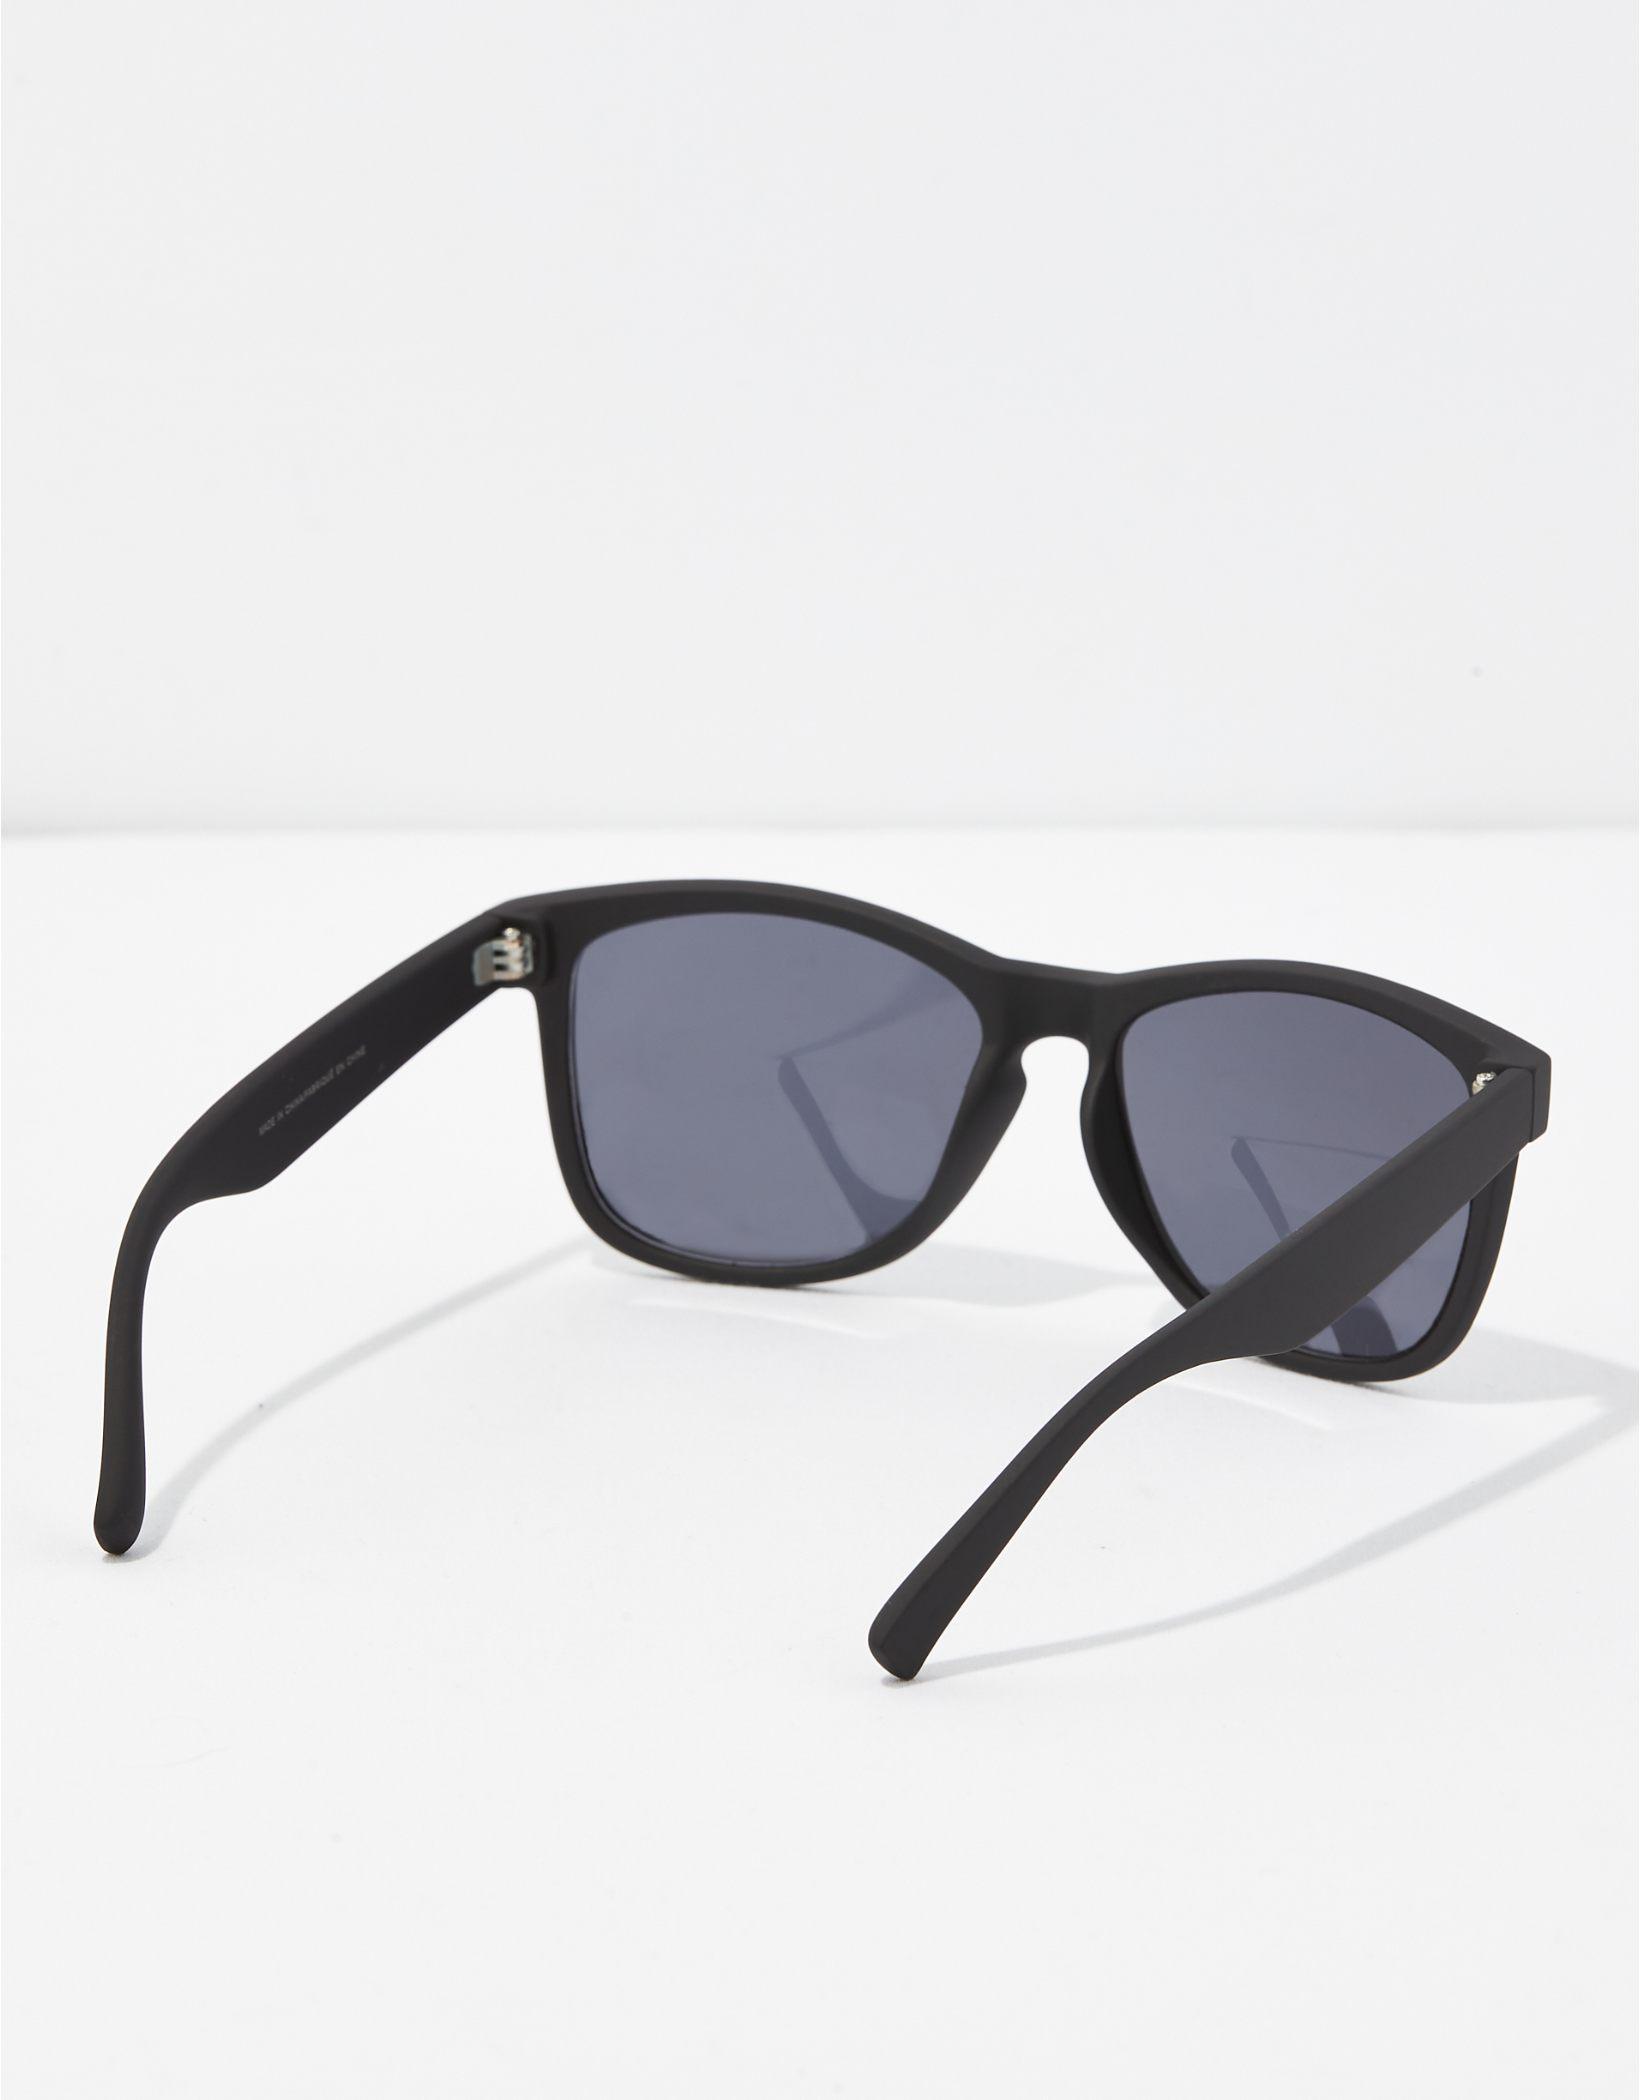 AEO Wayfarer Sunglasses